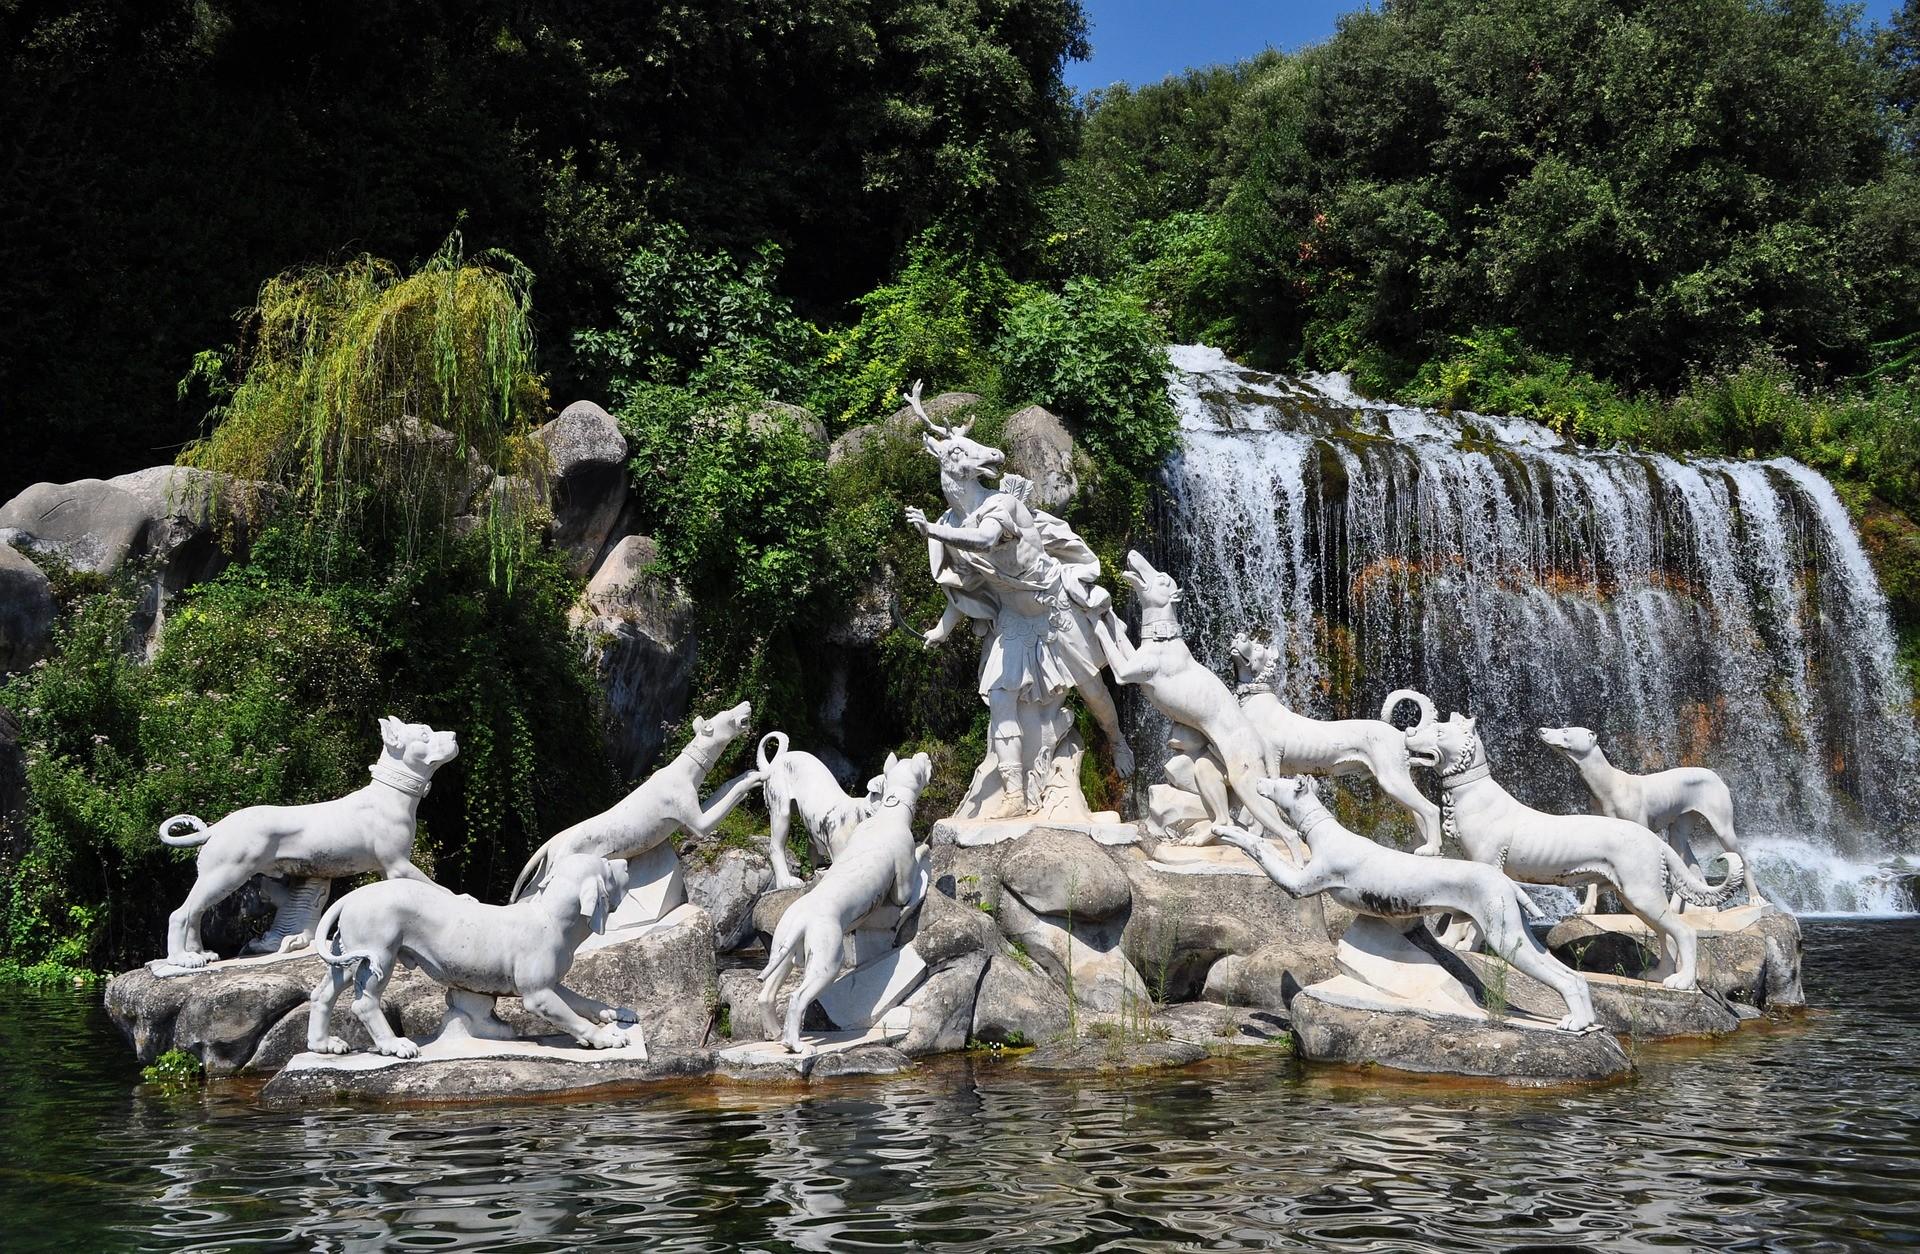 Fontane e cascate nei giardini del Parco Reale della Reggia di Caserta